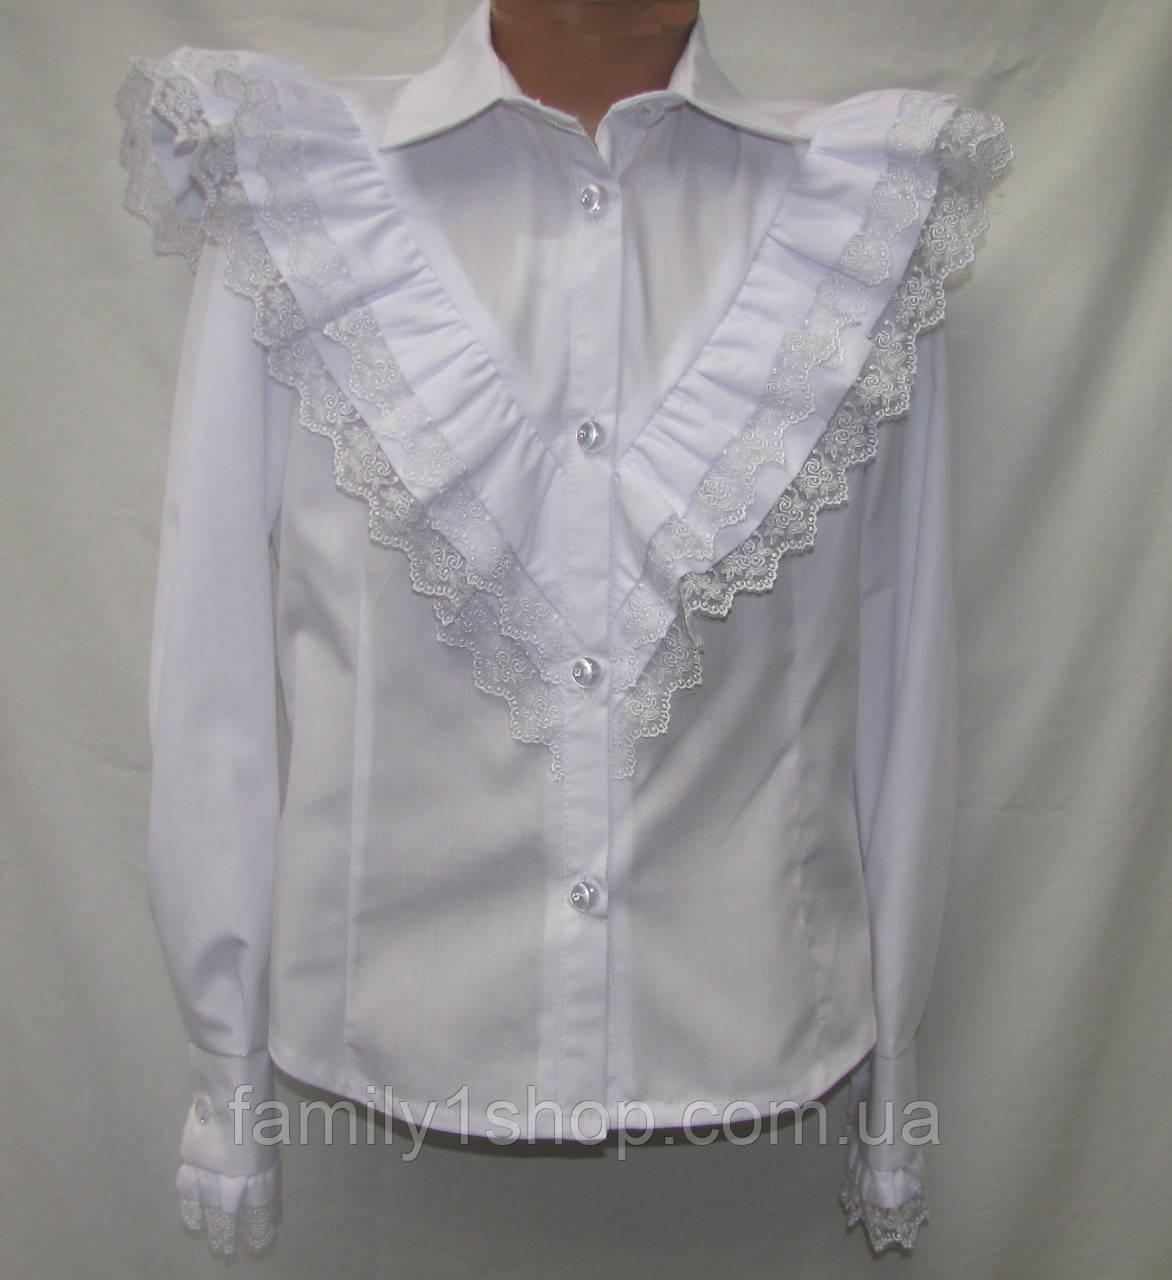 25ce86ec84a Школьная блузка для девочки с рюшами.  продажа